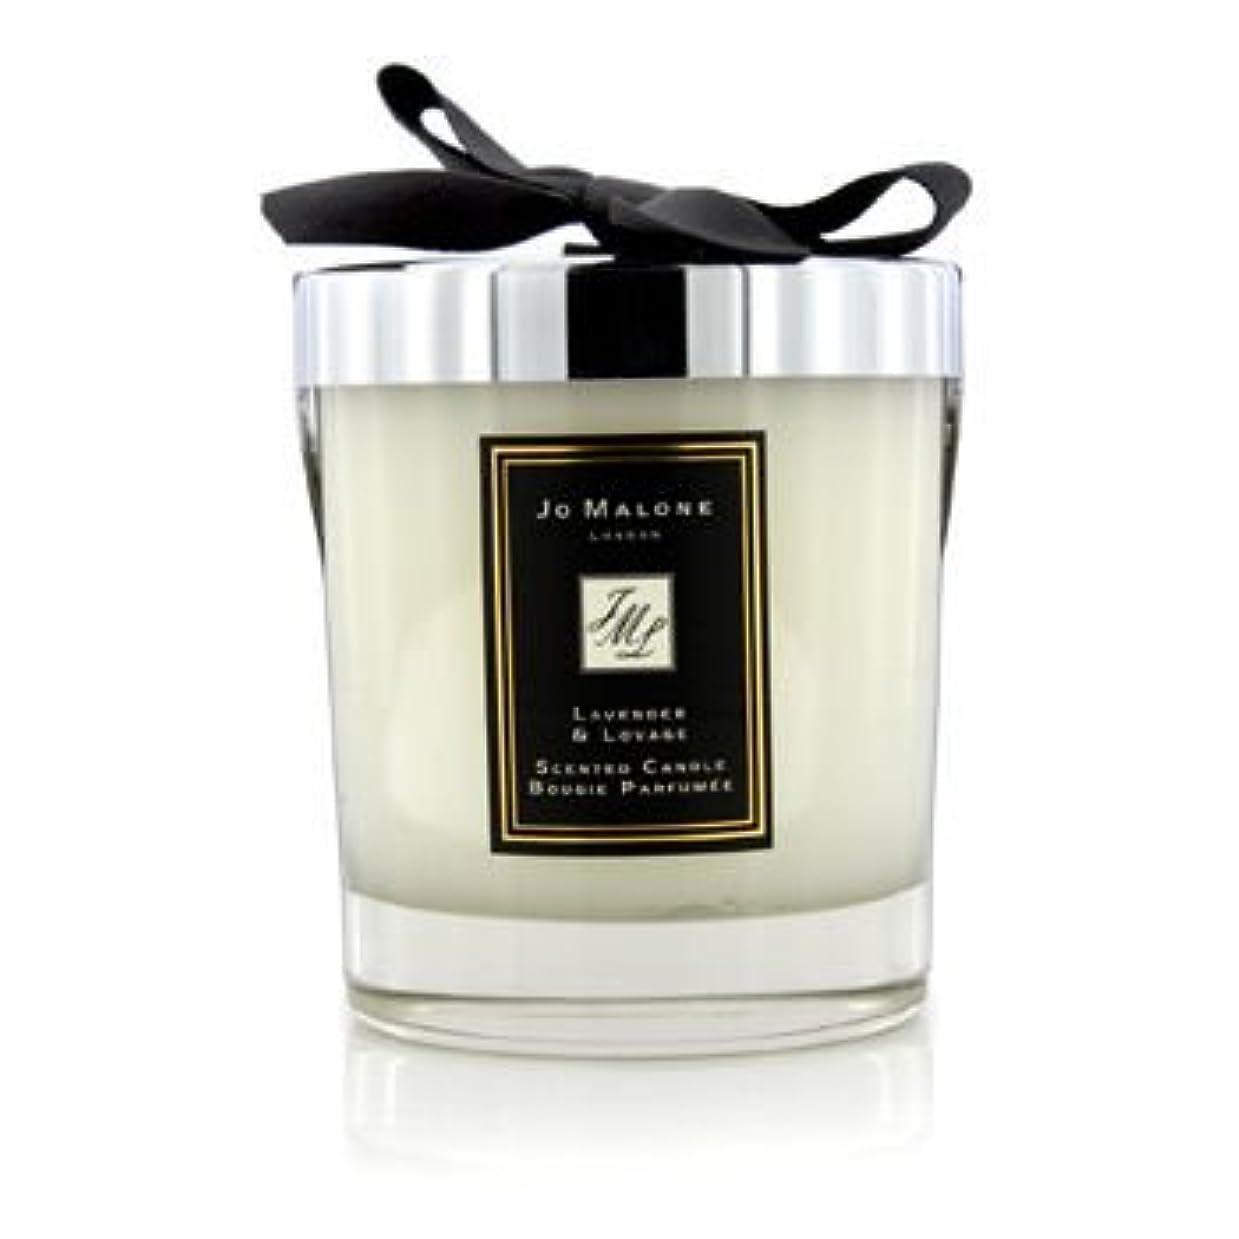 ドリルに慣れ複数[Jo Malone] Lavender & Lovage Scented Candle 200g (2.5 inch)